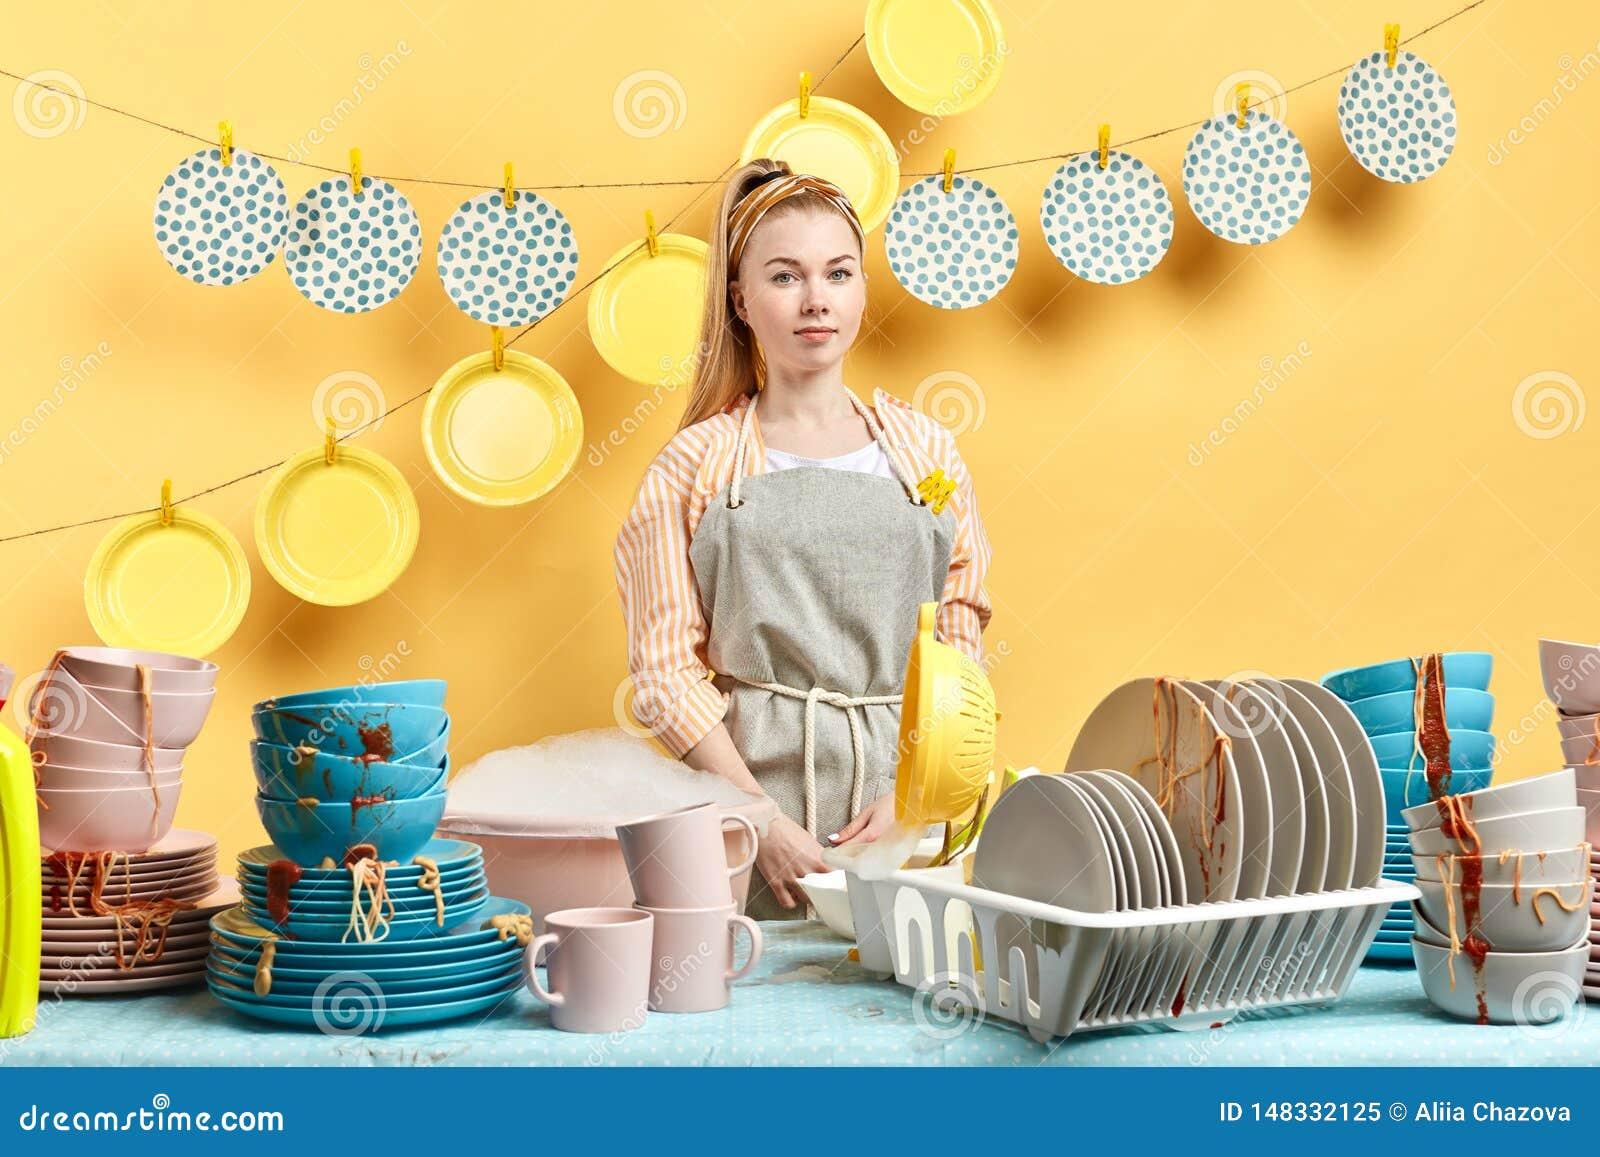 Zadowolona atrakcyjna kobieta z życzliwym spojrzeniem czyści kuchnię